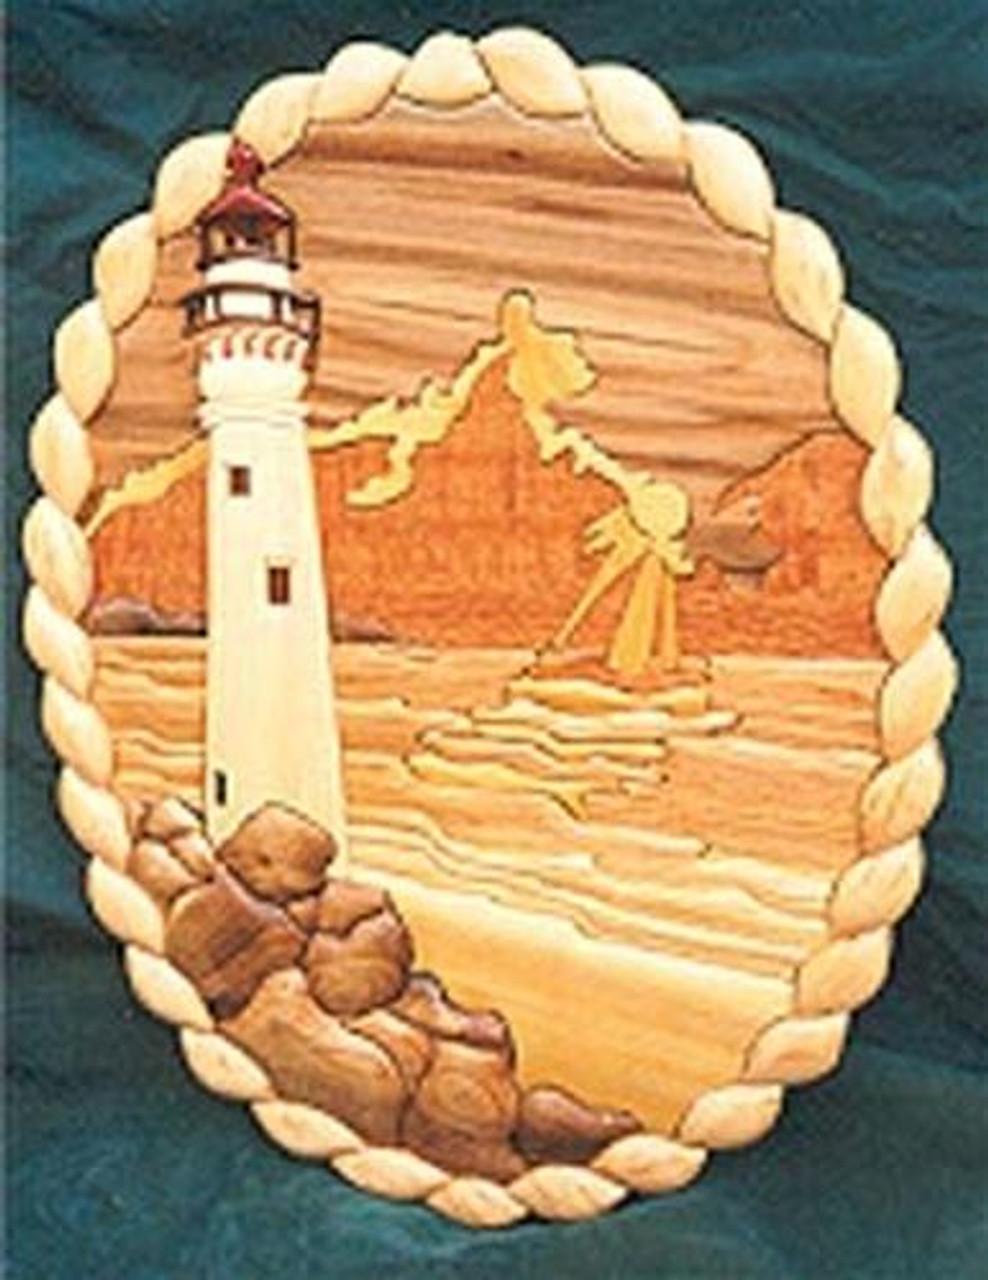 Cherry Tree Toys Lighthouse Intarsia Plan